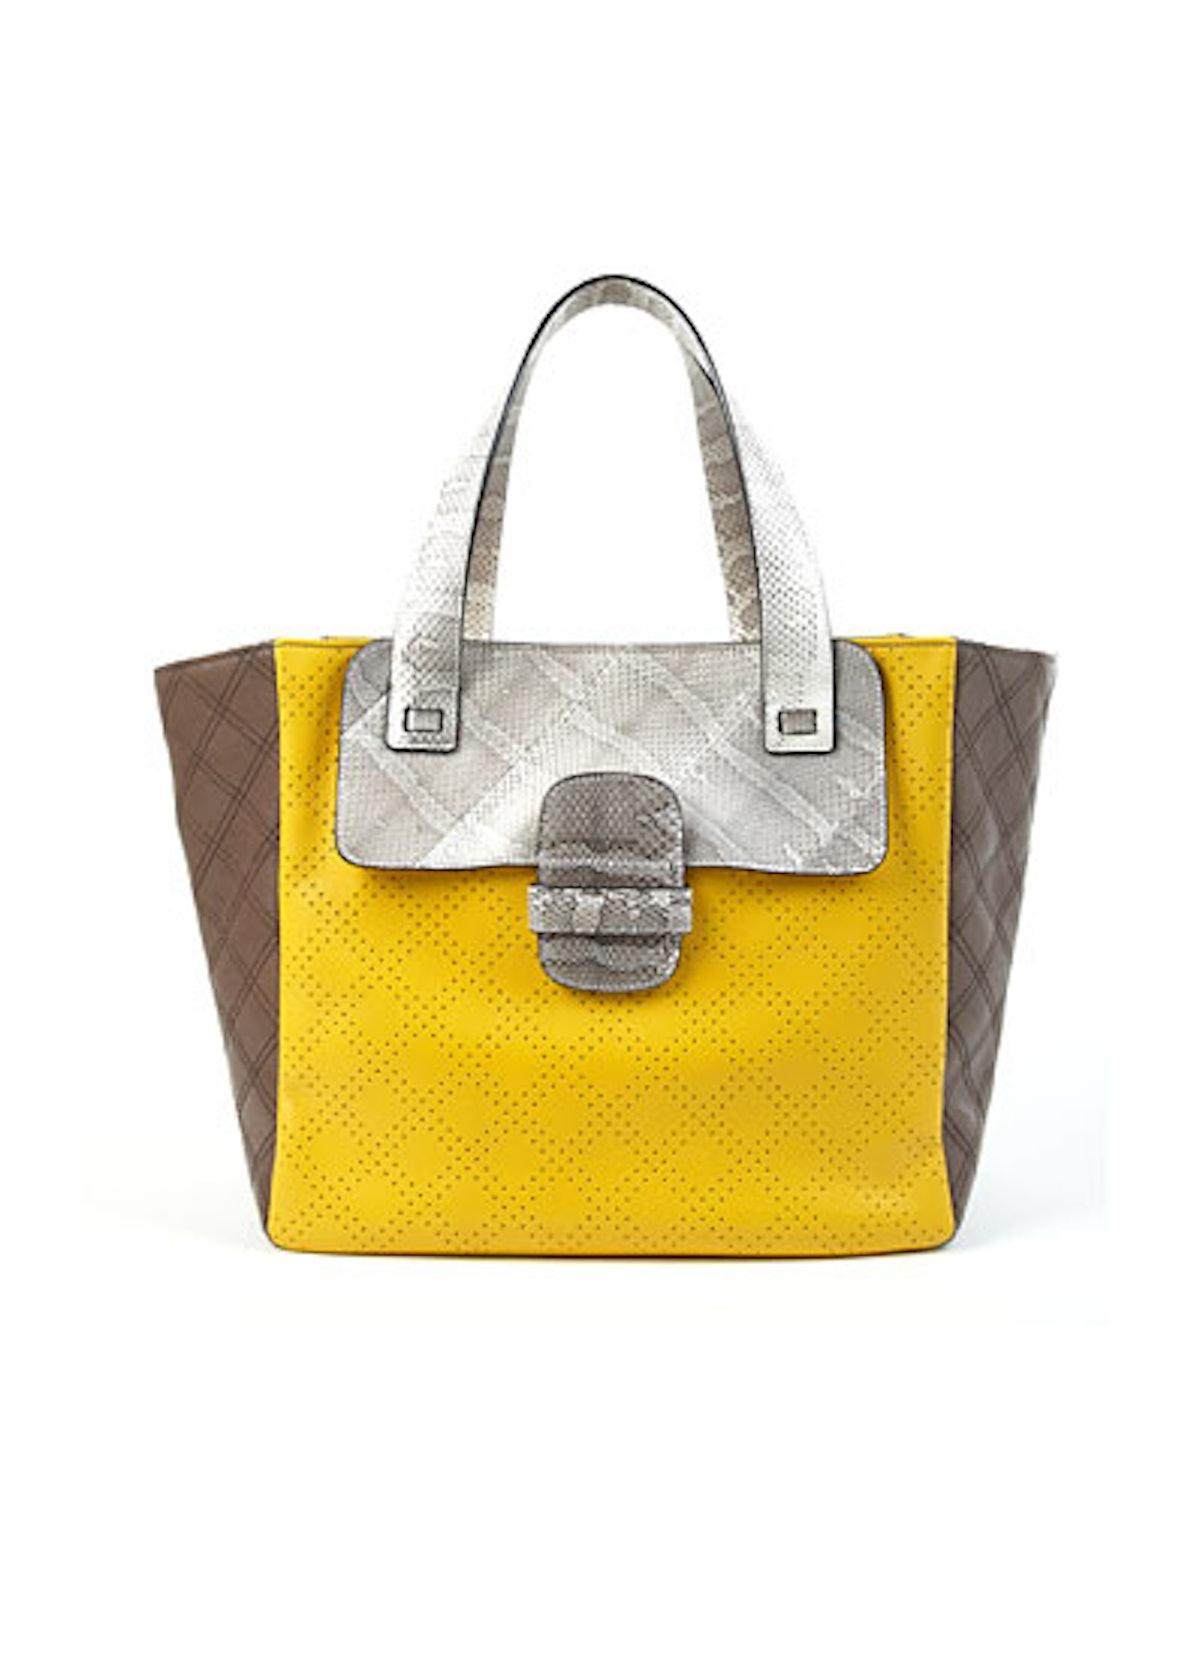 acss-designer-tote-bags-04-v.jpg